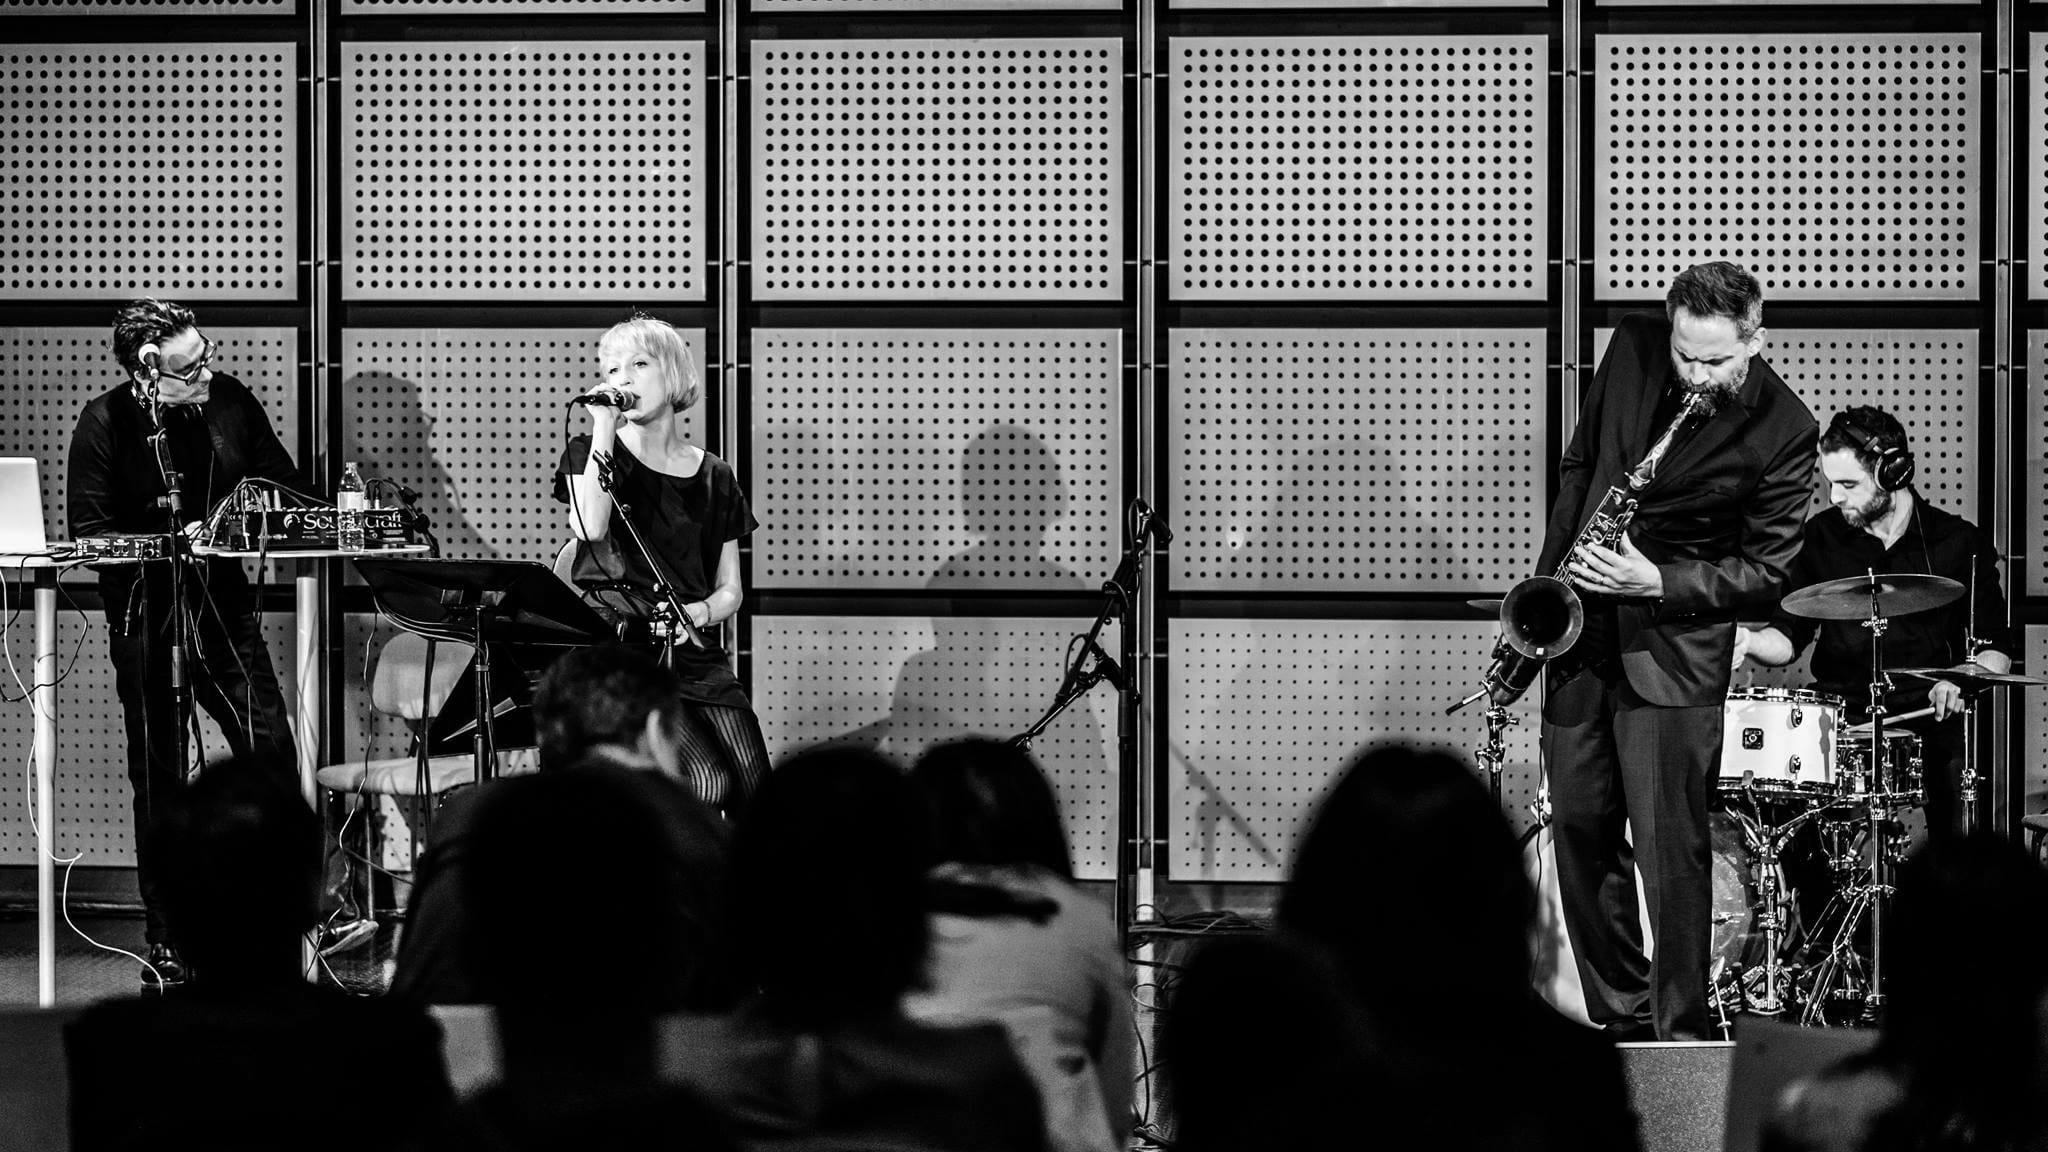 Ulrich Drechsler spielt mit Saxofon auf der Bühne